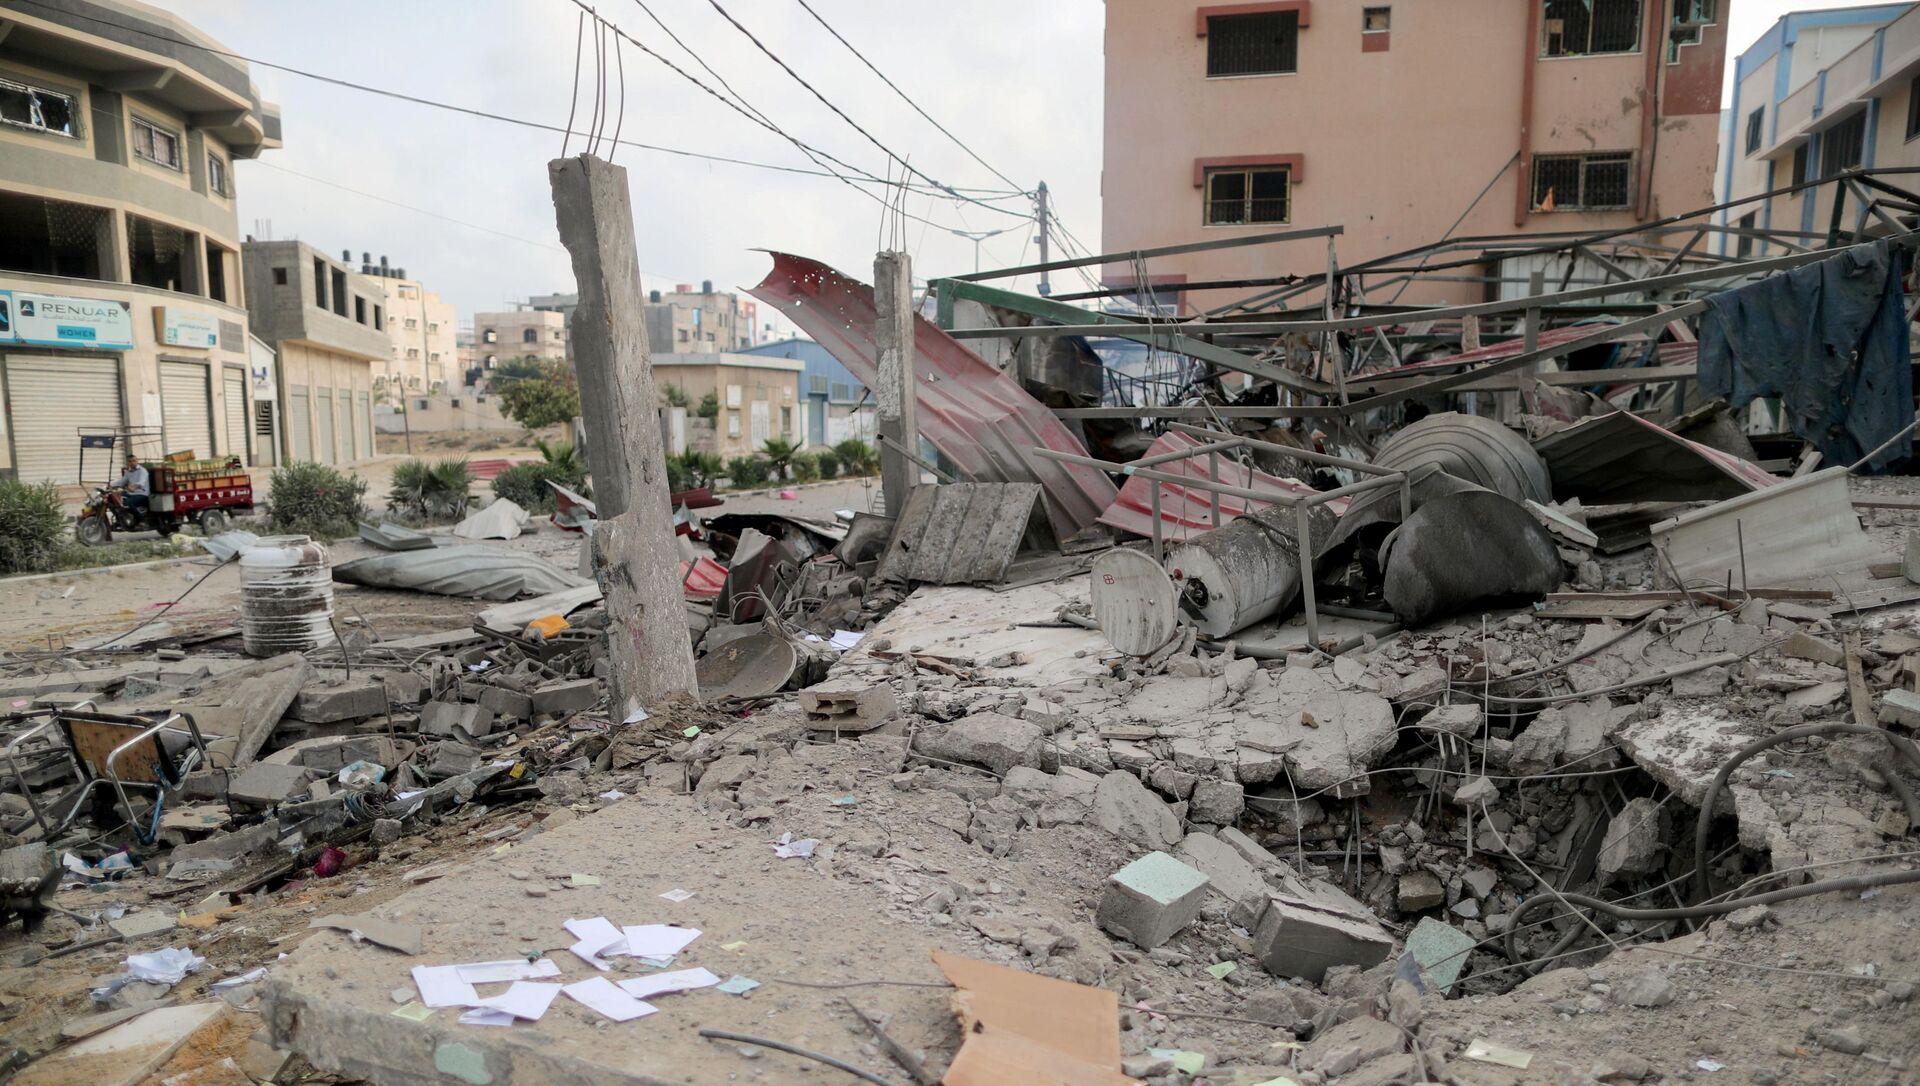 Ruiny w mieście Gaza, które zostało ostrzelane przez izraelską armię - Sputnik Polska, 1920, 11.05.2021